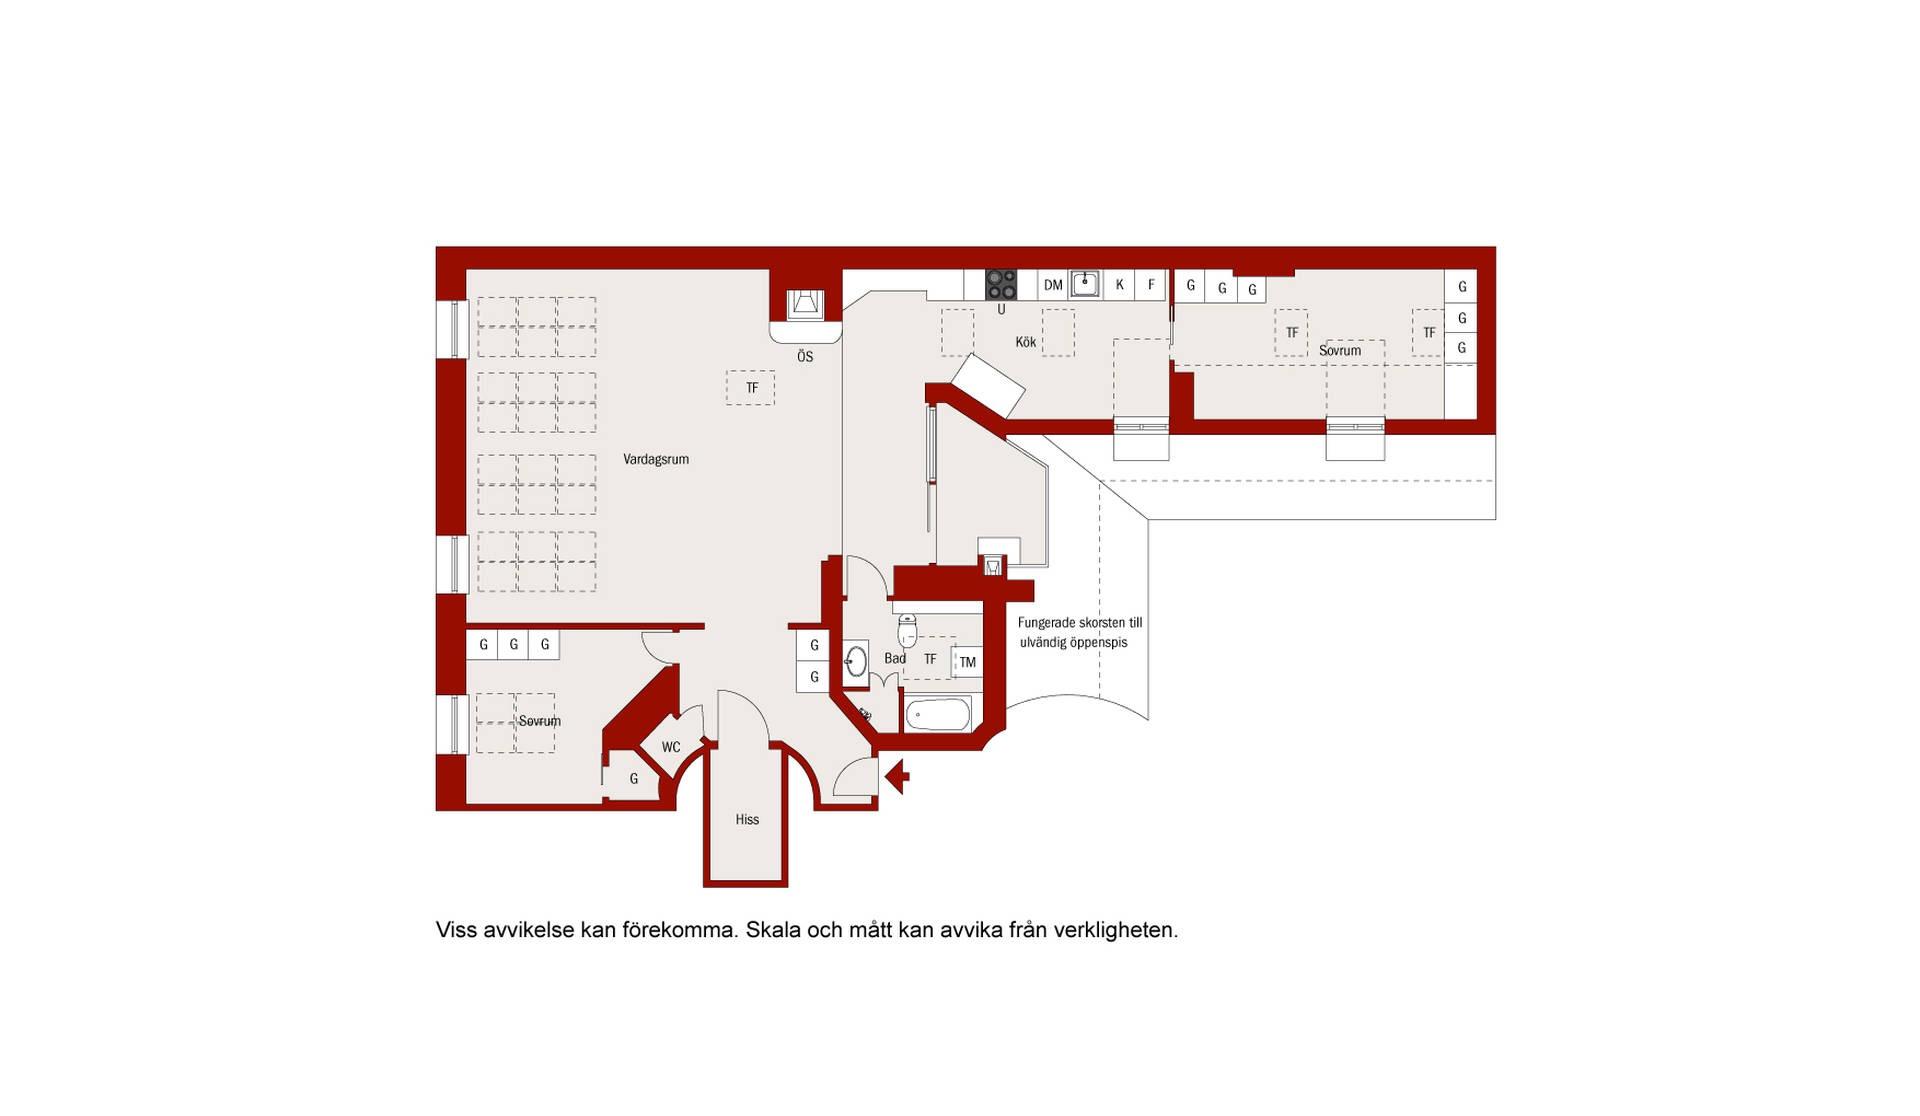 планировка квартиры мансарды 115 квм